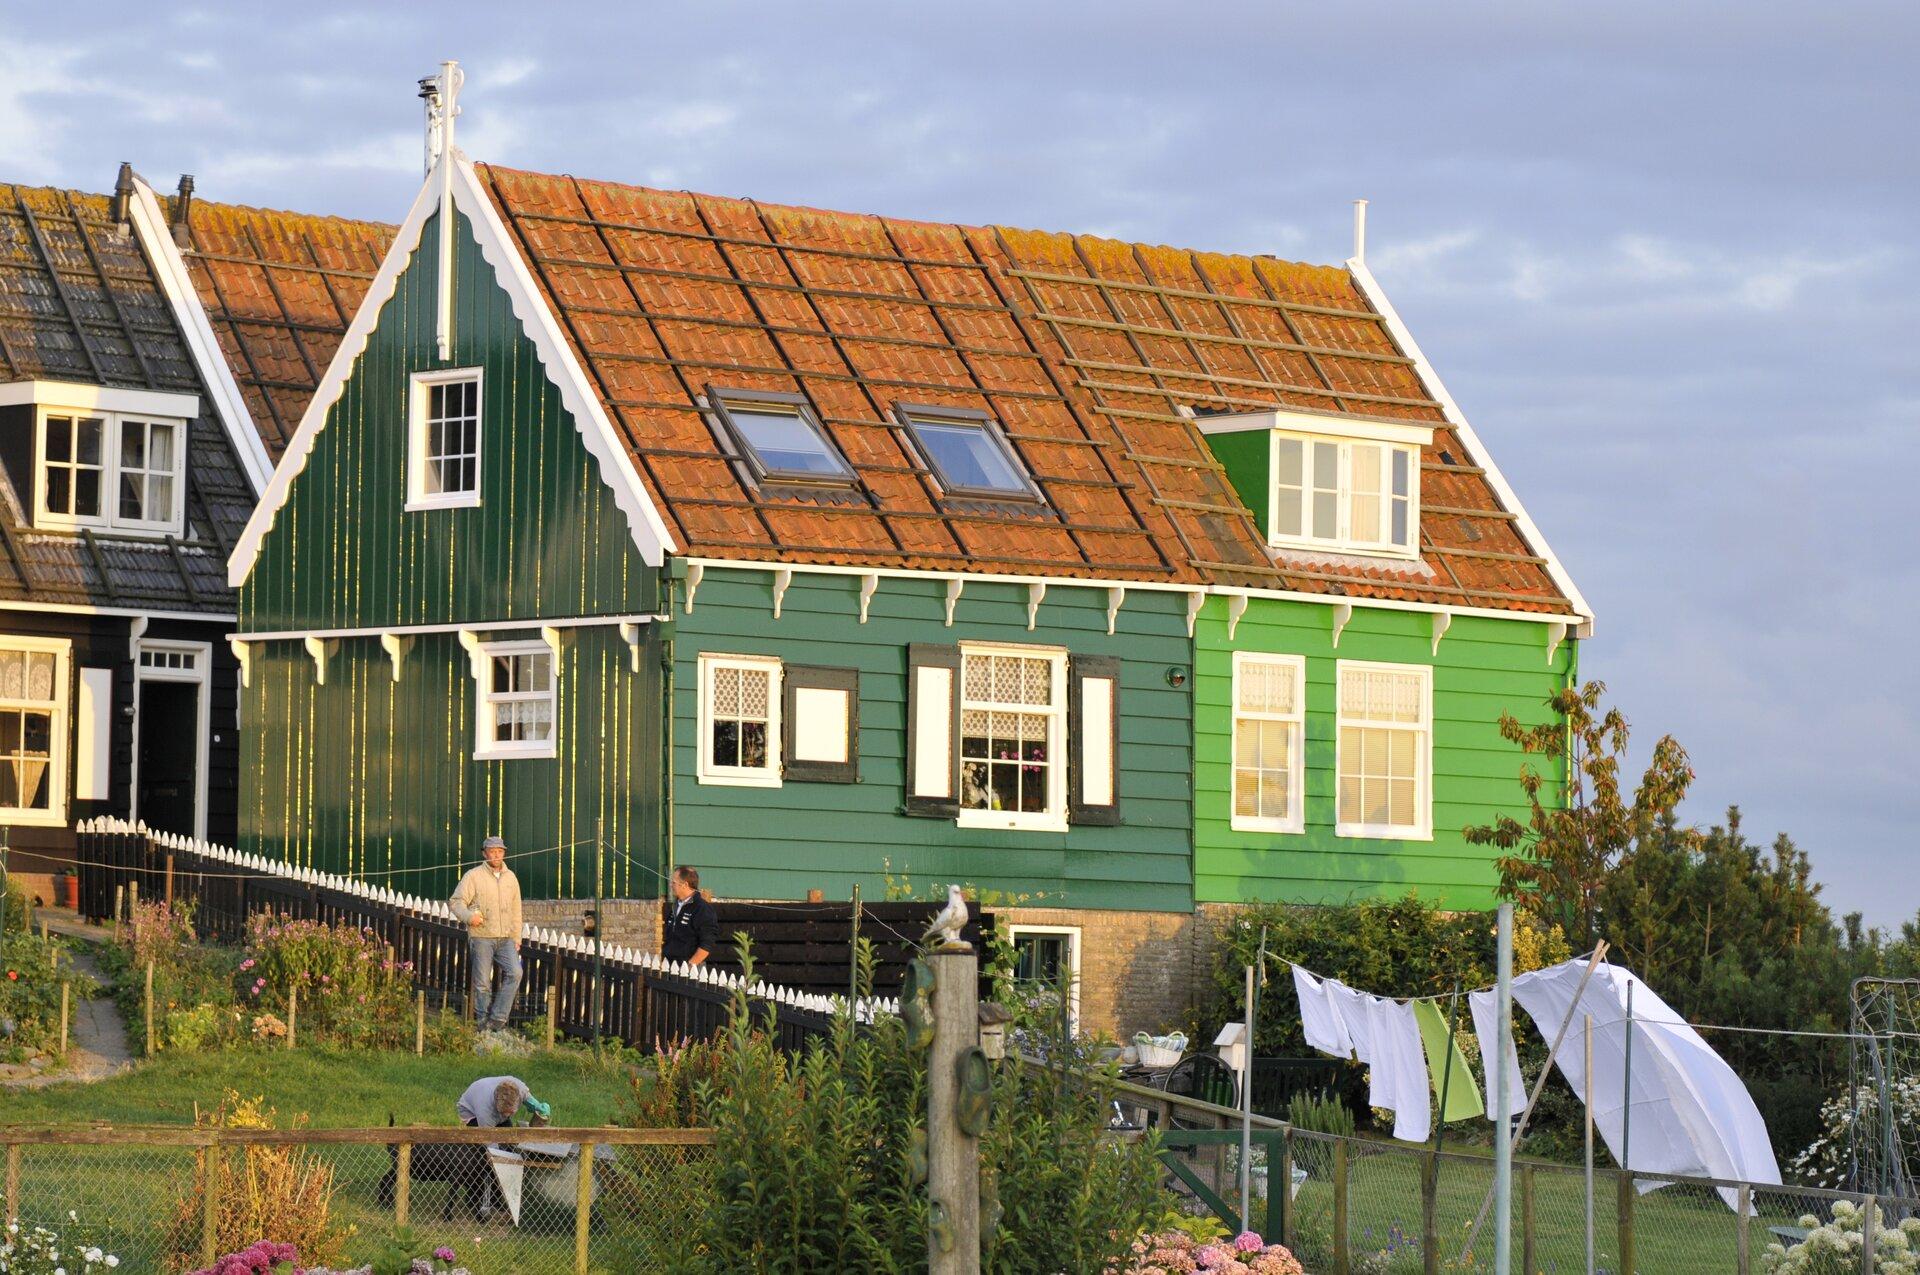 Na zdjęciu wiejska zabudowa. Zielony drewniany dom zbiałymi elementami. Dach kryty czerwoną dachówką. Teren ogrodzony, przy płocie stoją ludzie. Wogrodzie suszy się pranie. Wtle drugi podobny dom.